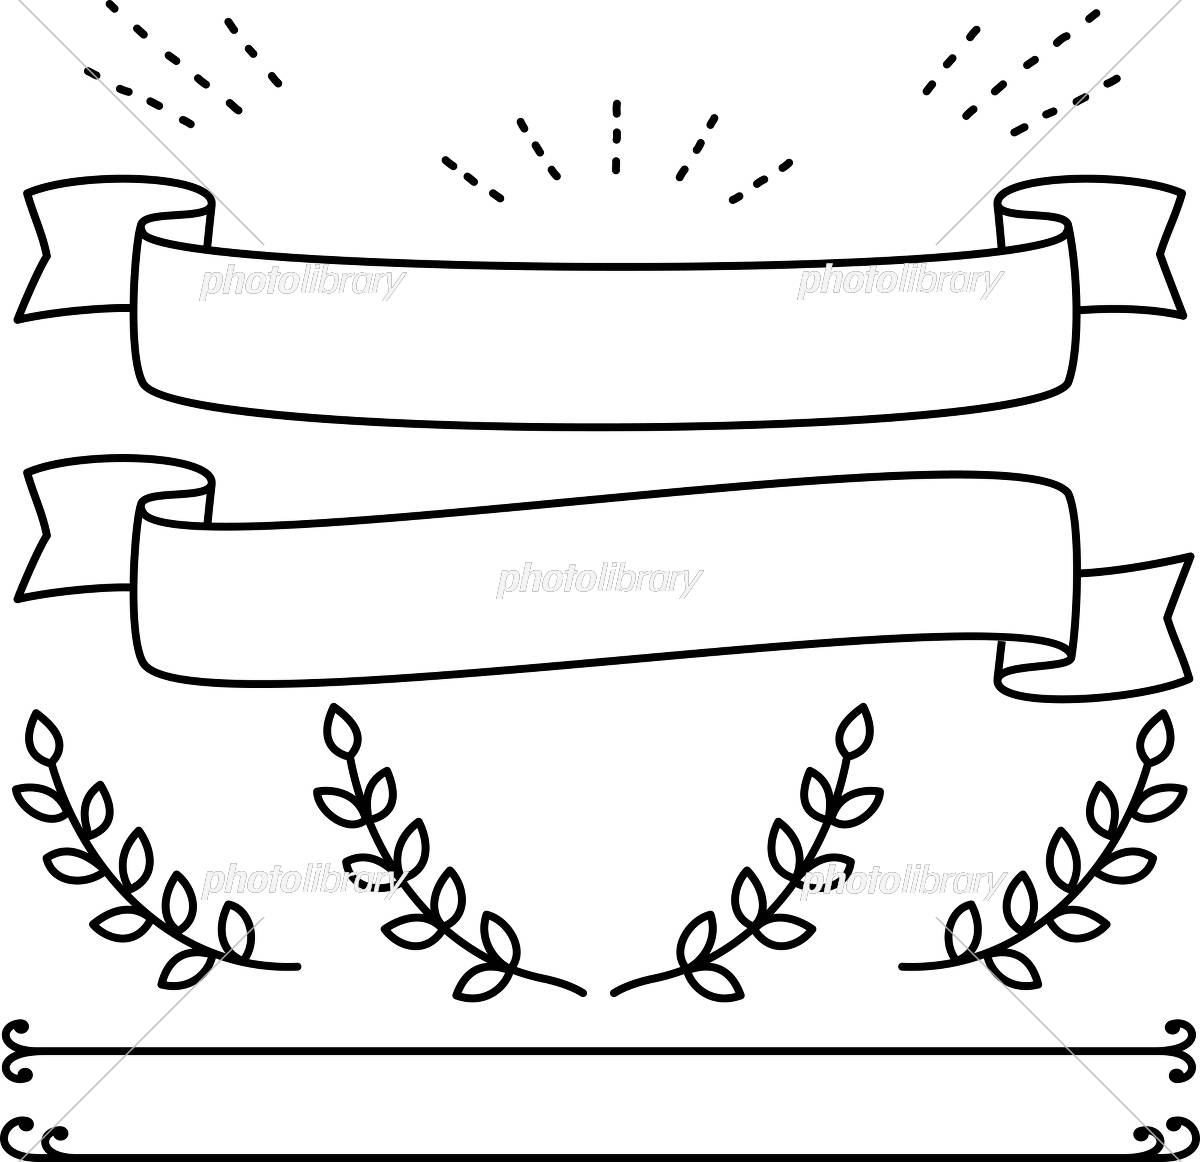 手描きのリボン デコレーションのセット イラスト素材 [ 5603988